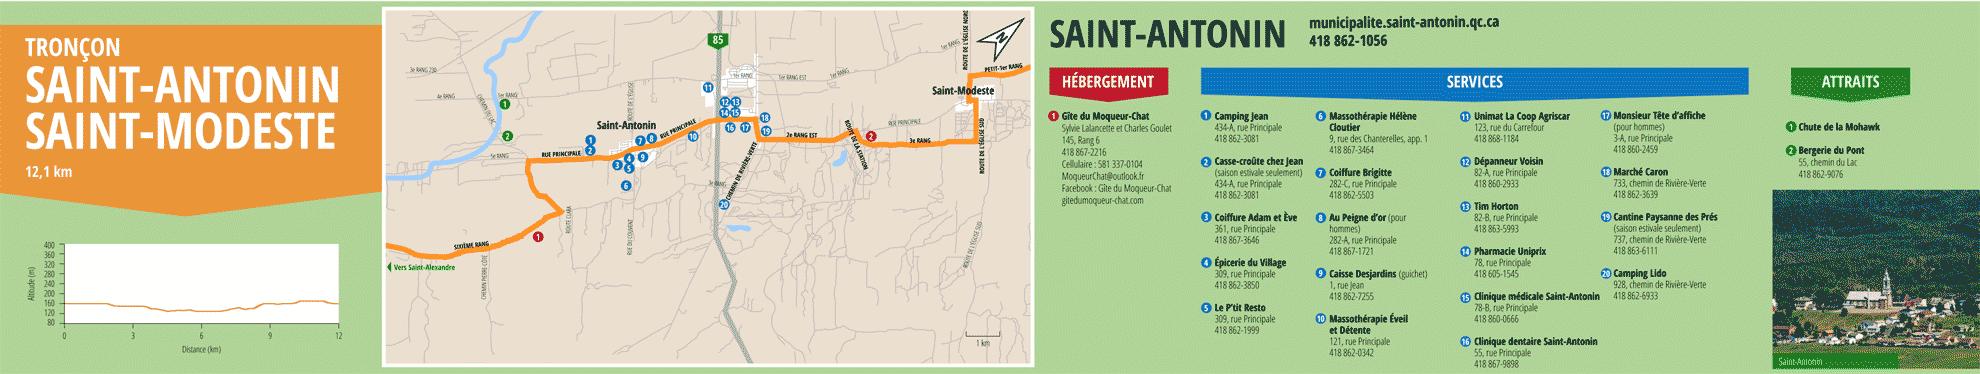 La Route des passants - Tronçon Saint-Antonin/Saint-Modeste